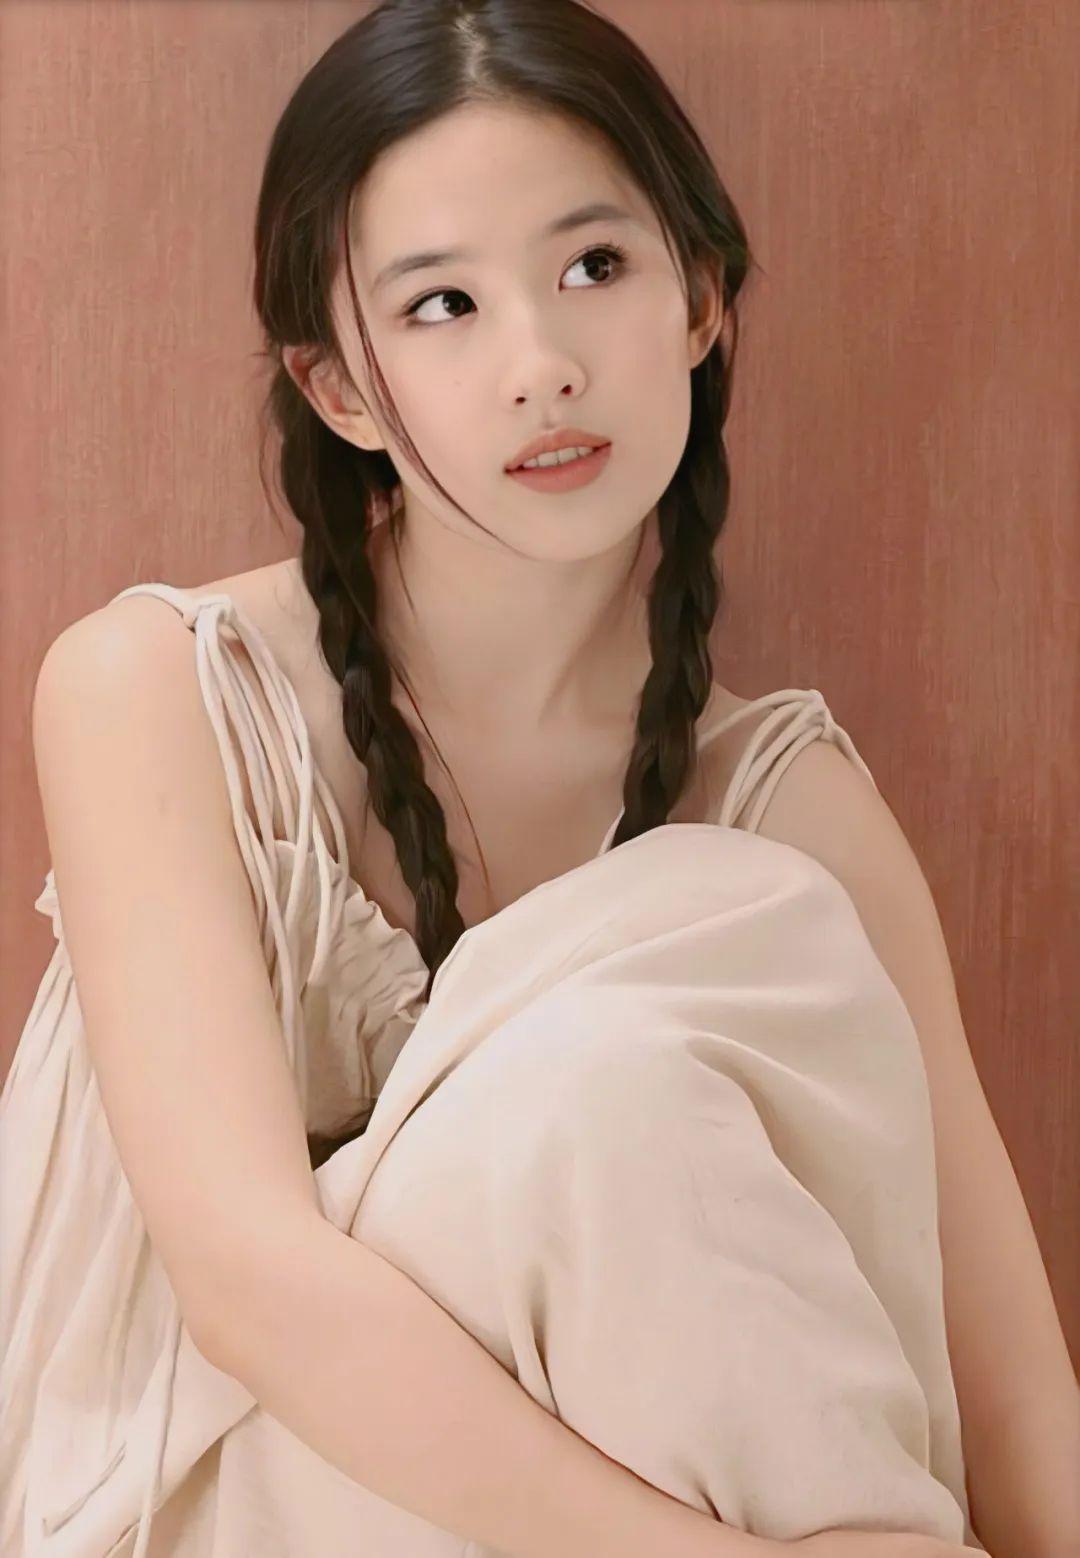 刘亦菲18岁写真,麻花辫眼若秋水,面若桃花,极致动人!_图片 No.3